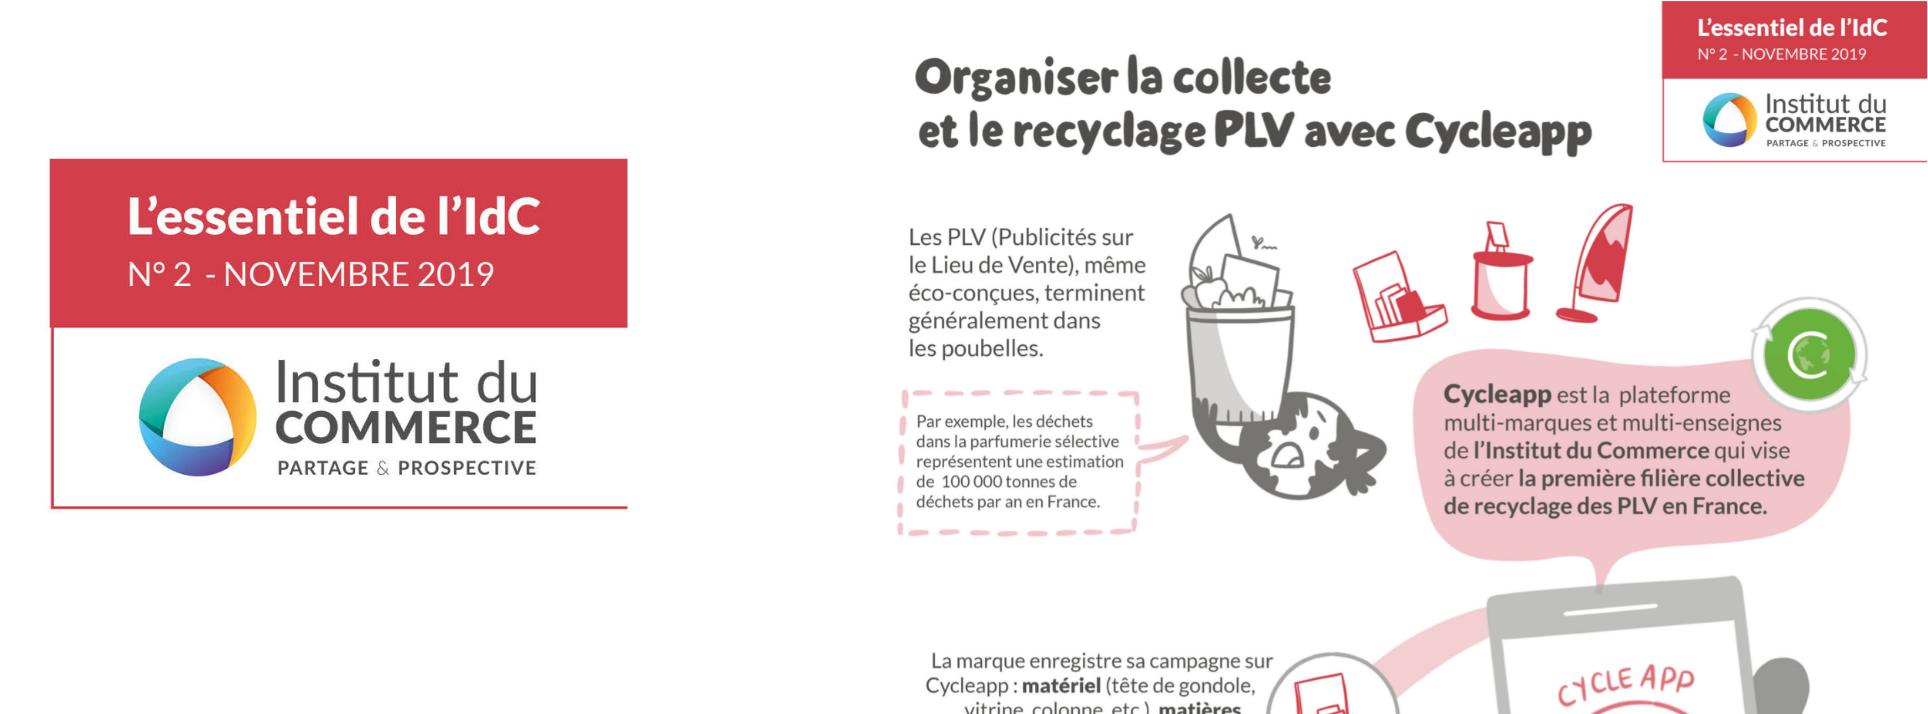 Essentiel#2 : Cycleapp, la plateforme de traçabilité et de recyclage des PLV